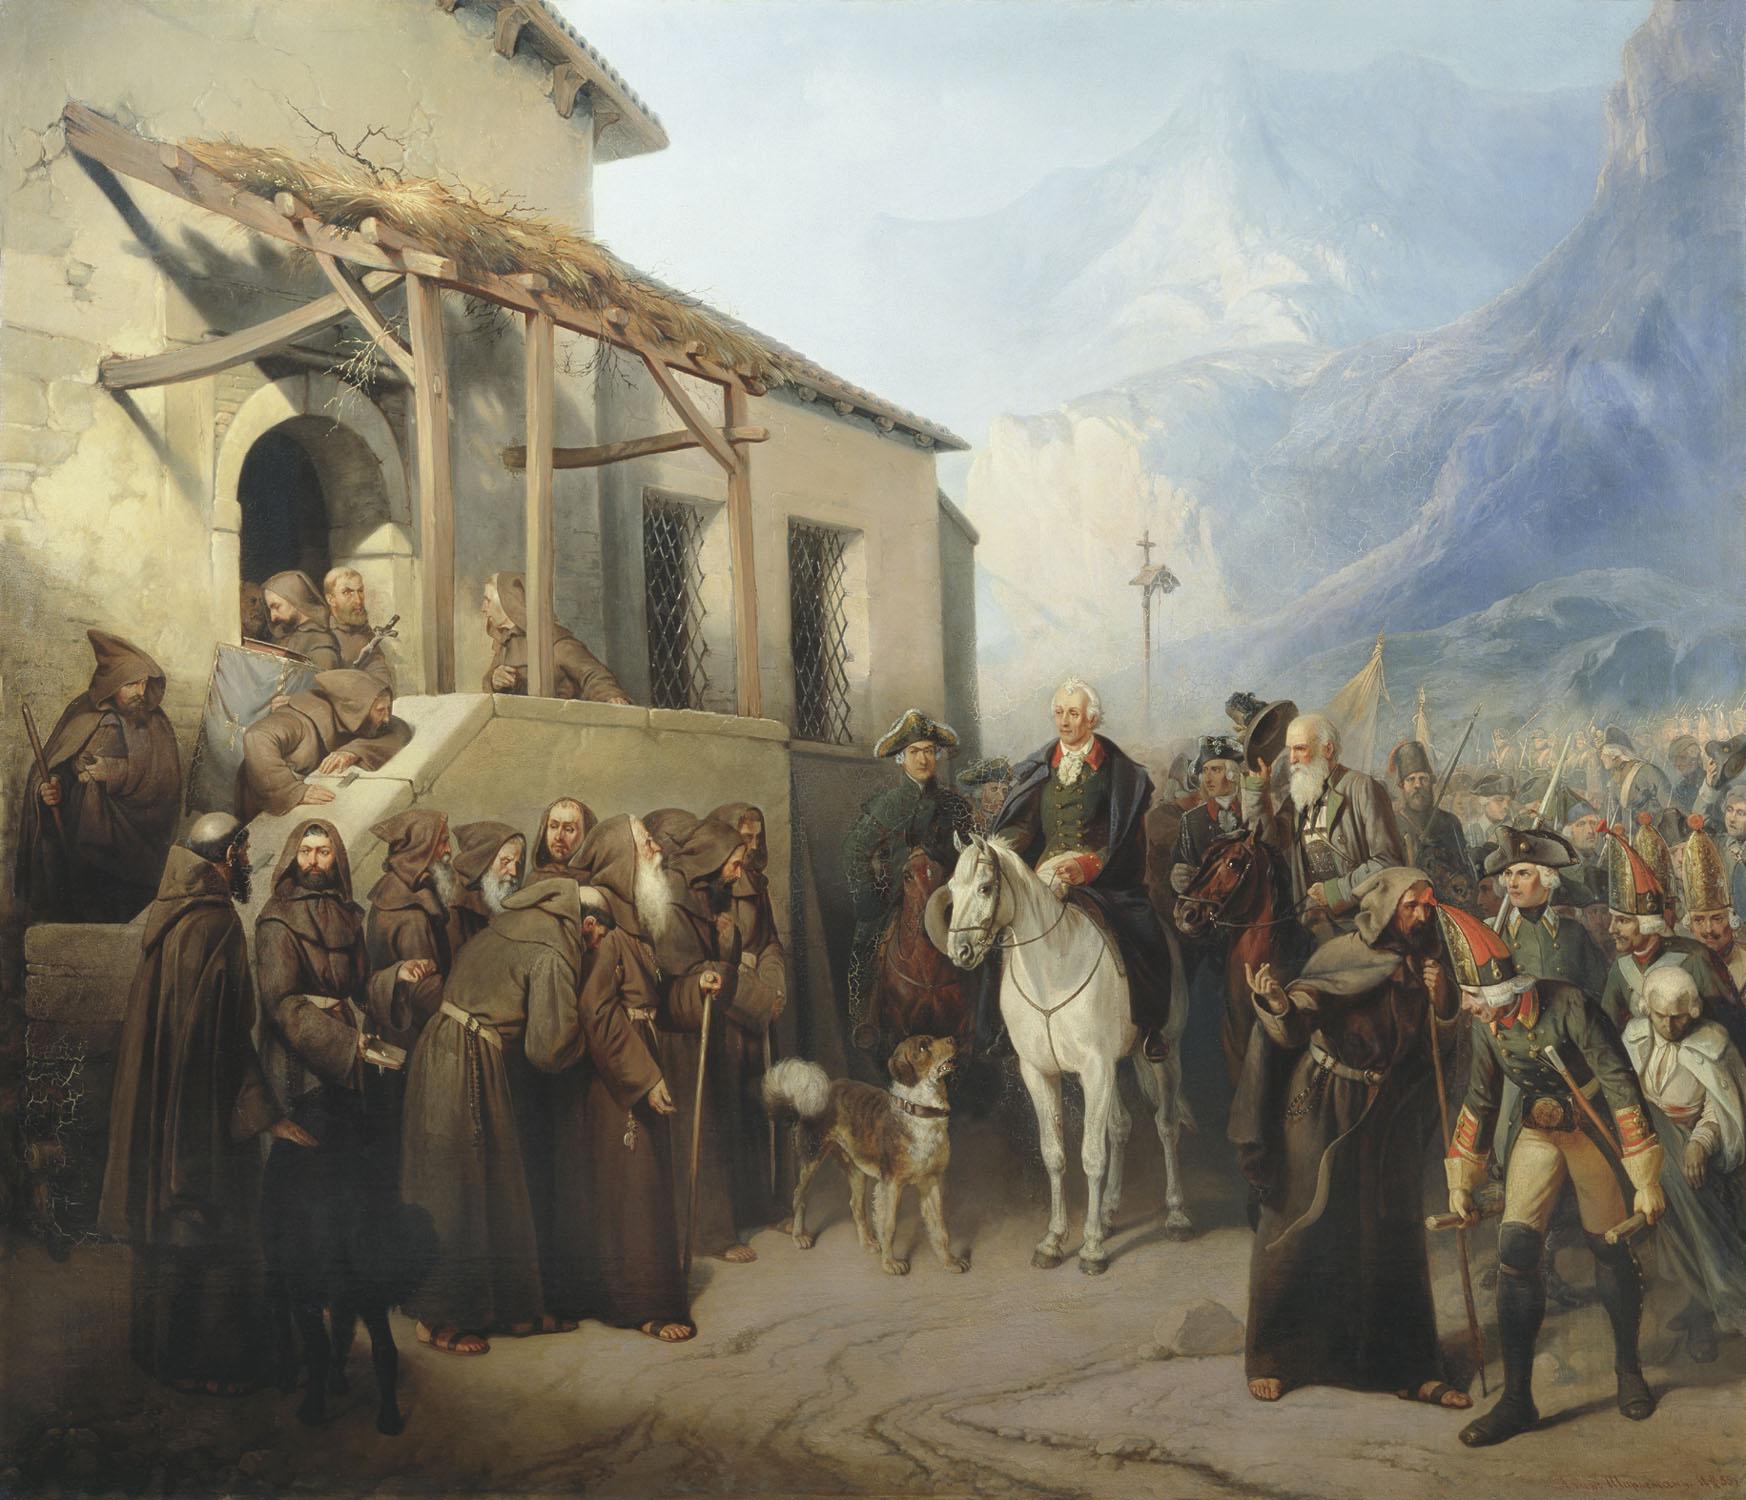 La marcia verso la Svizzera[modifica